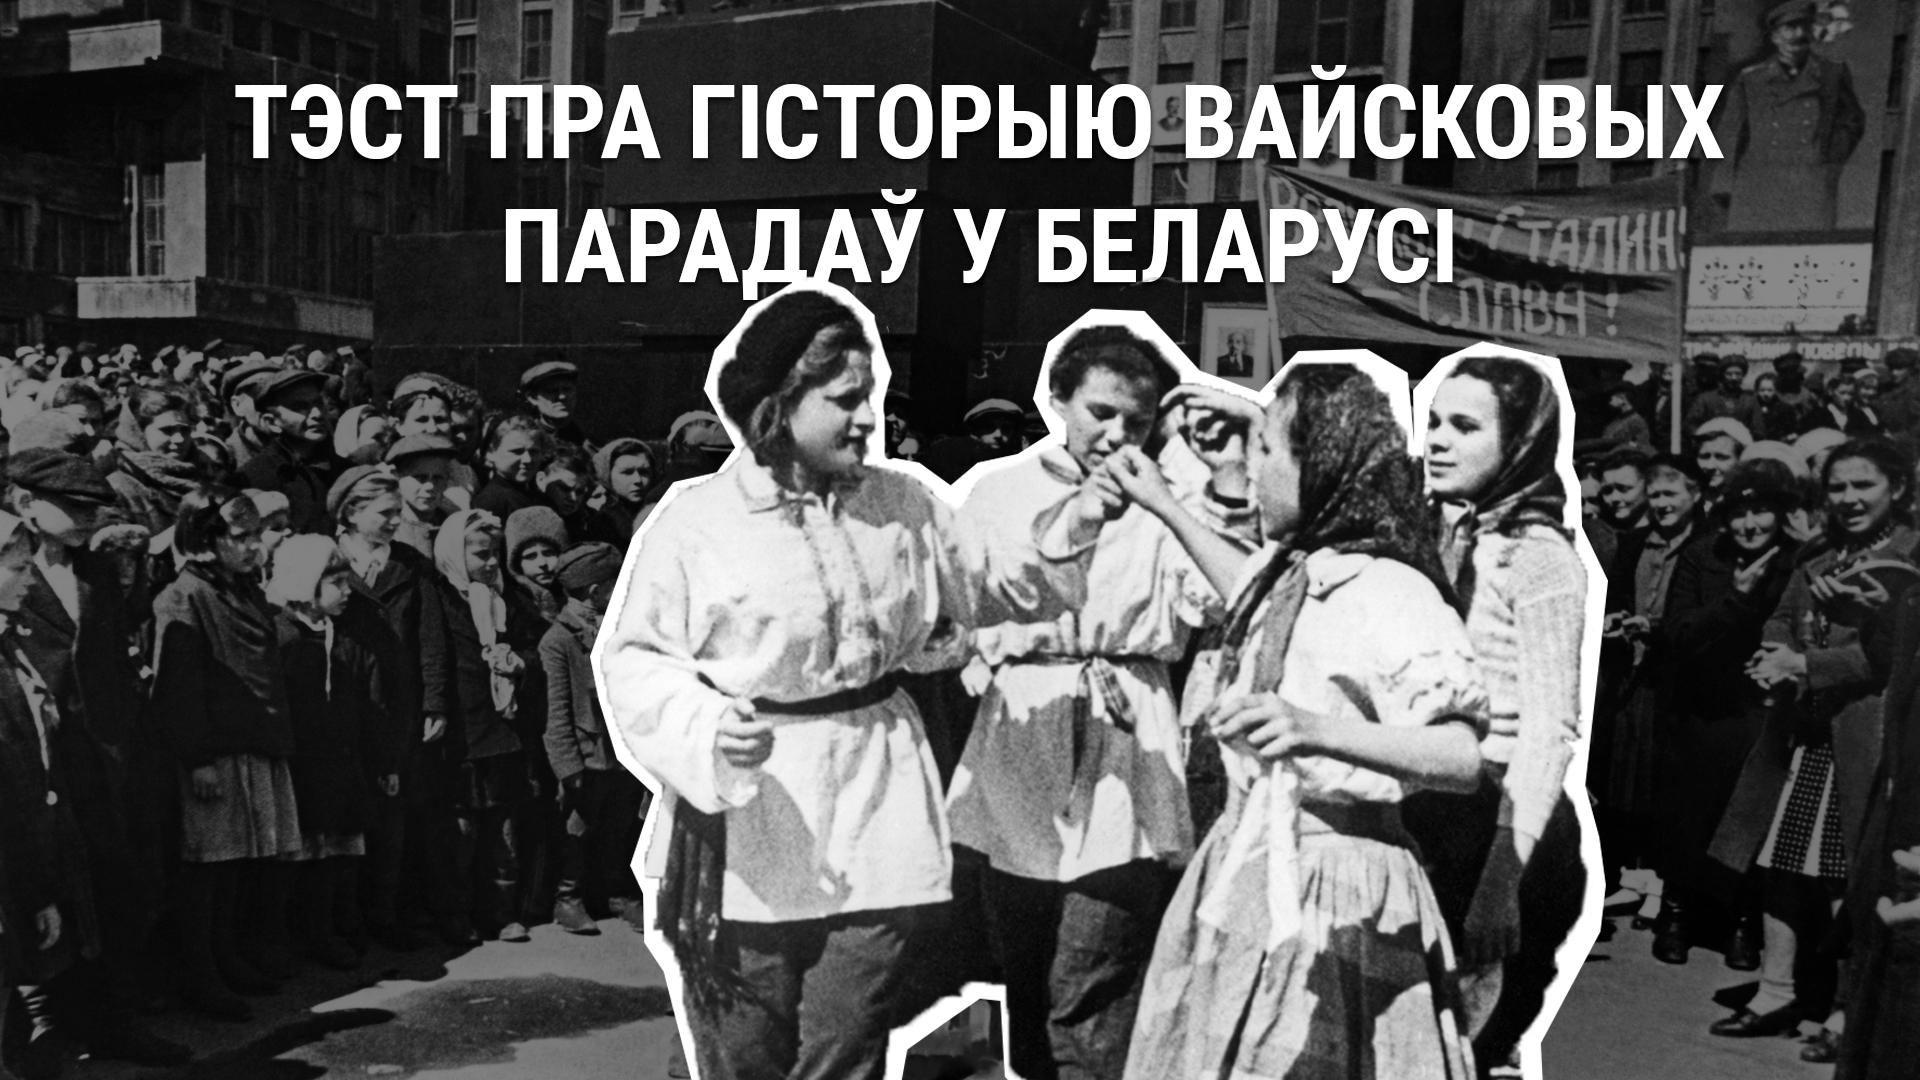 Ці добра вы ведаеце гісторыю вайсковых парадаў у Беларусі? ТЭСТ